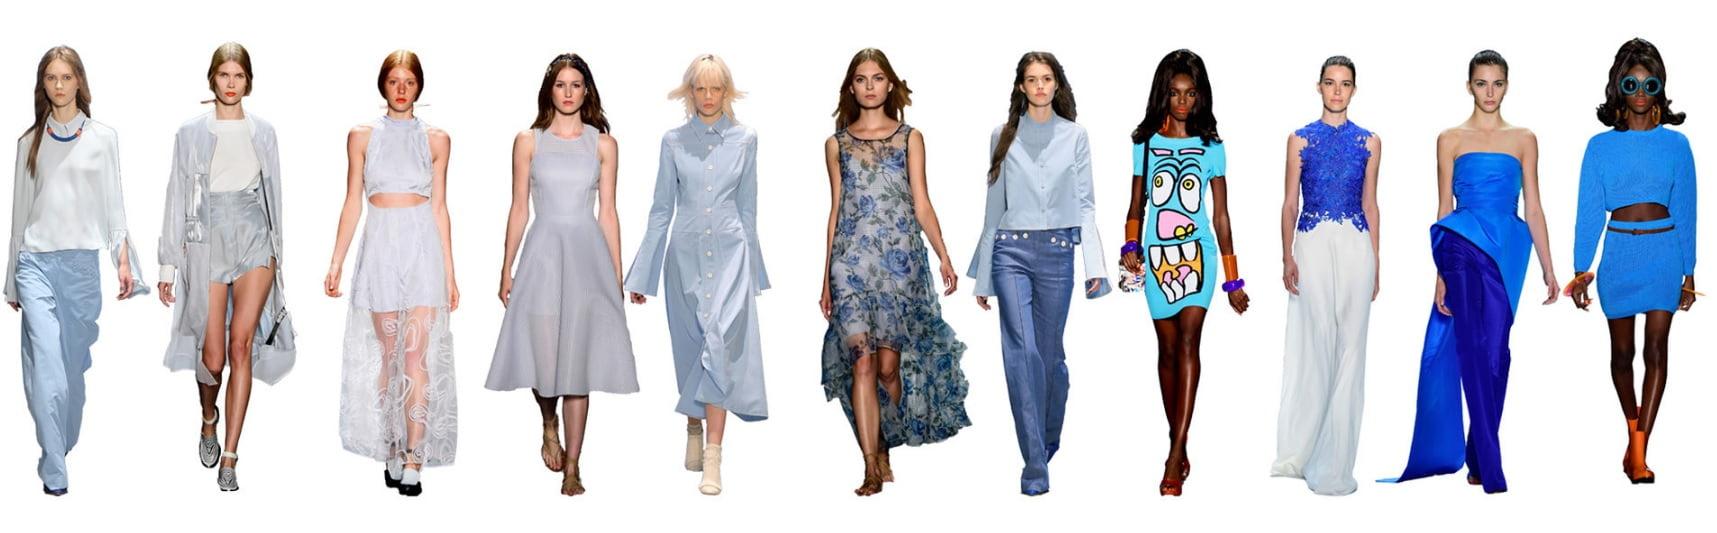 New York fashion-week 2016